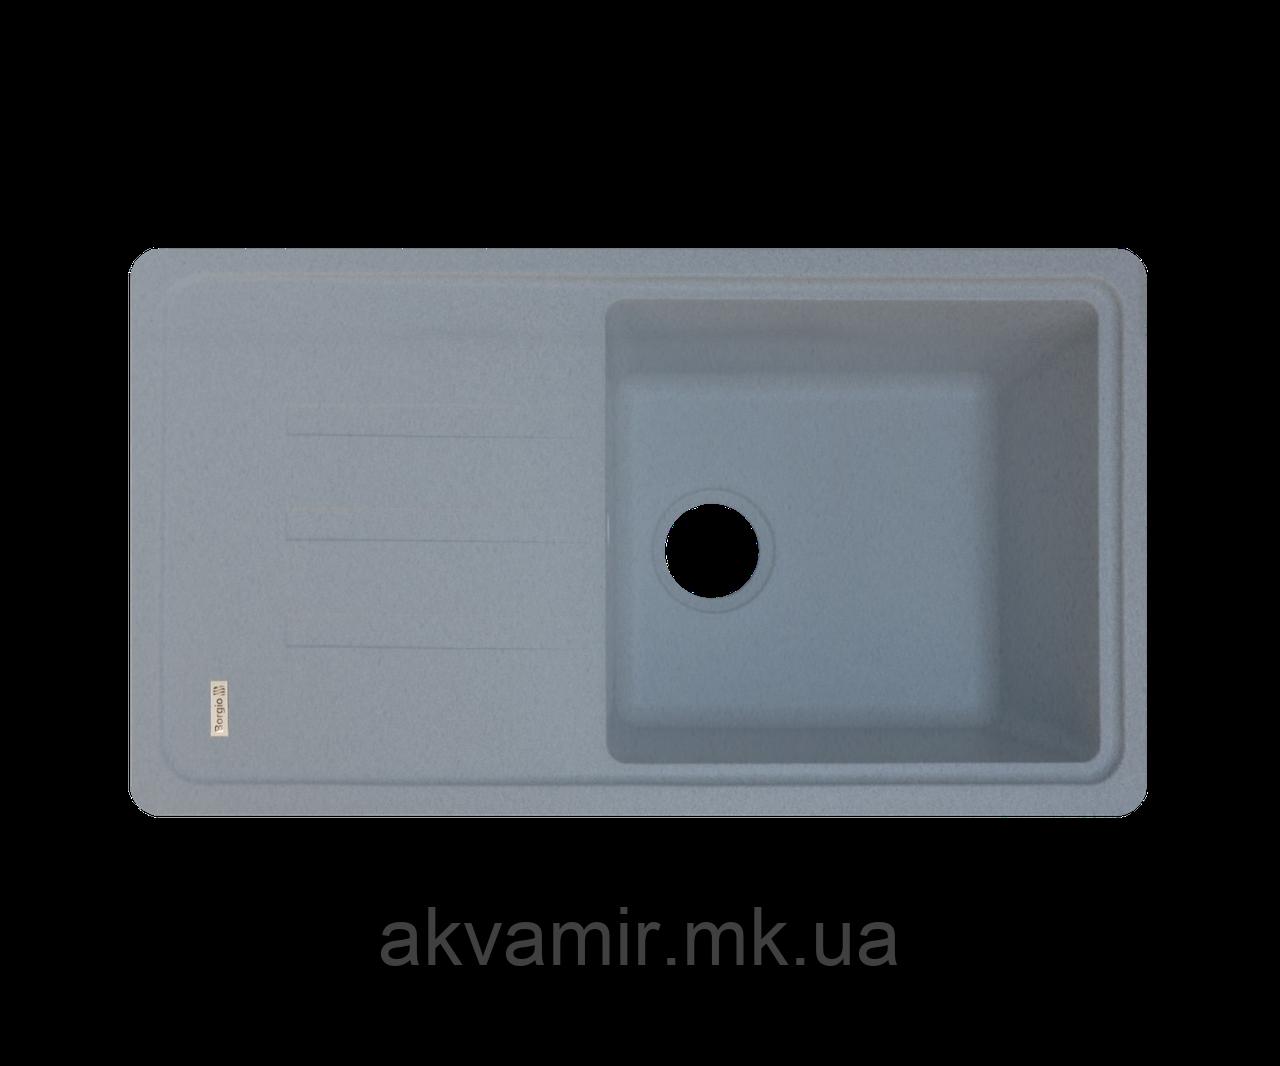 Кухонная мойка Borgio (гранит) PRC-780x435 (серый металлик)